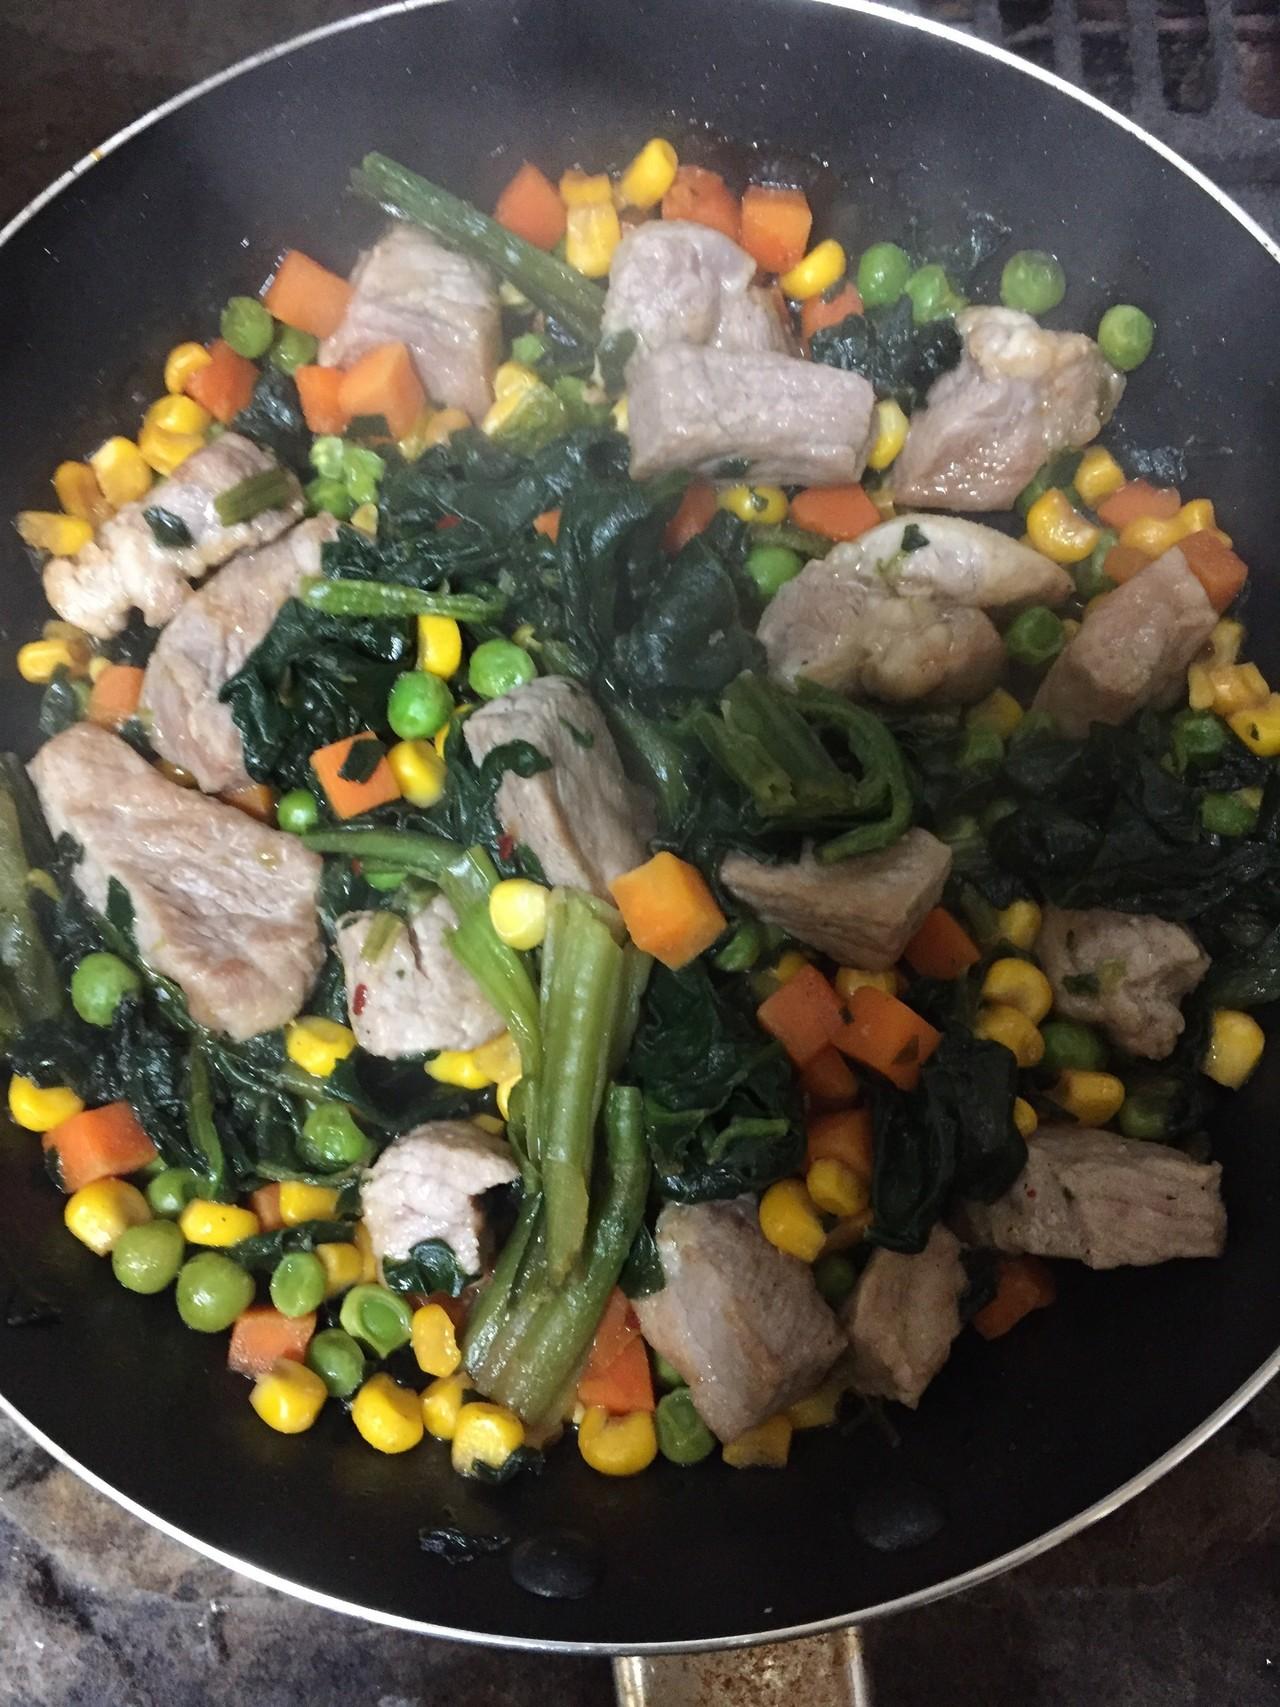 冷凍野菜に肉、焼肉のタレ。既製調味料って鉄板なんですなあ